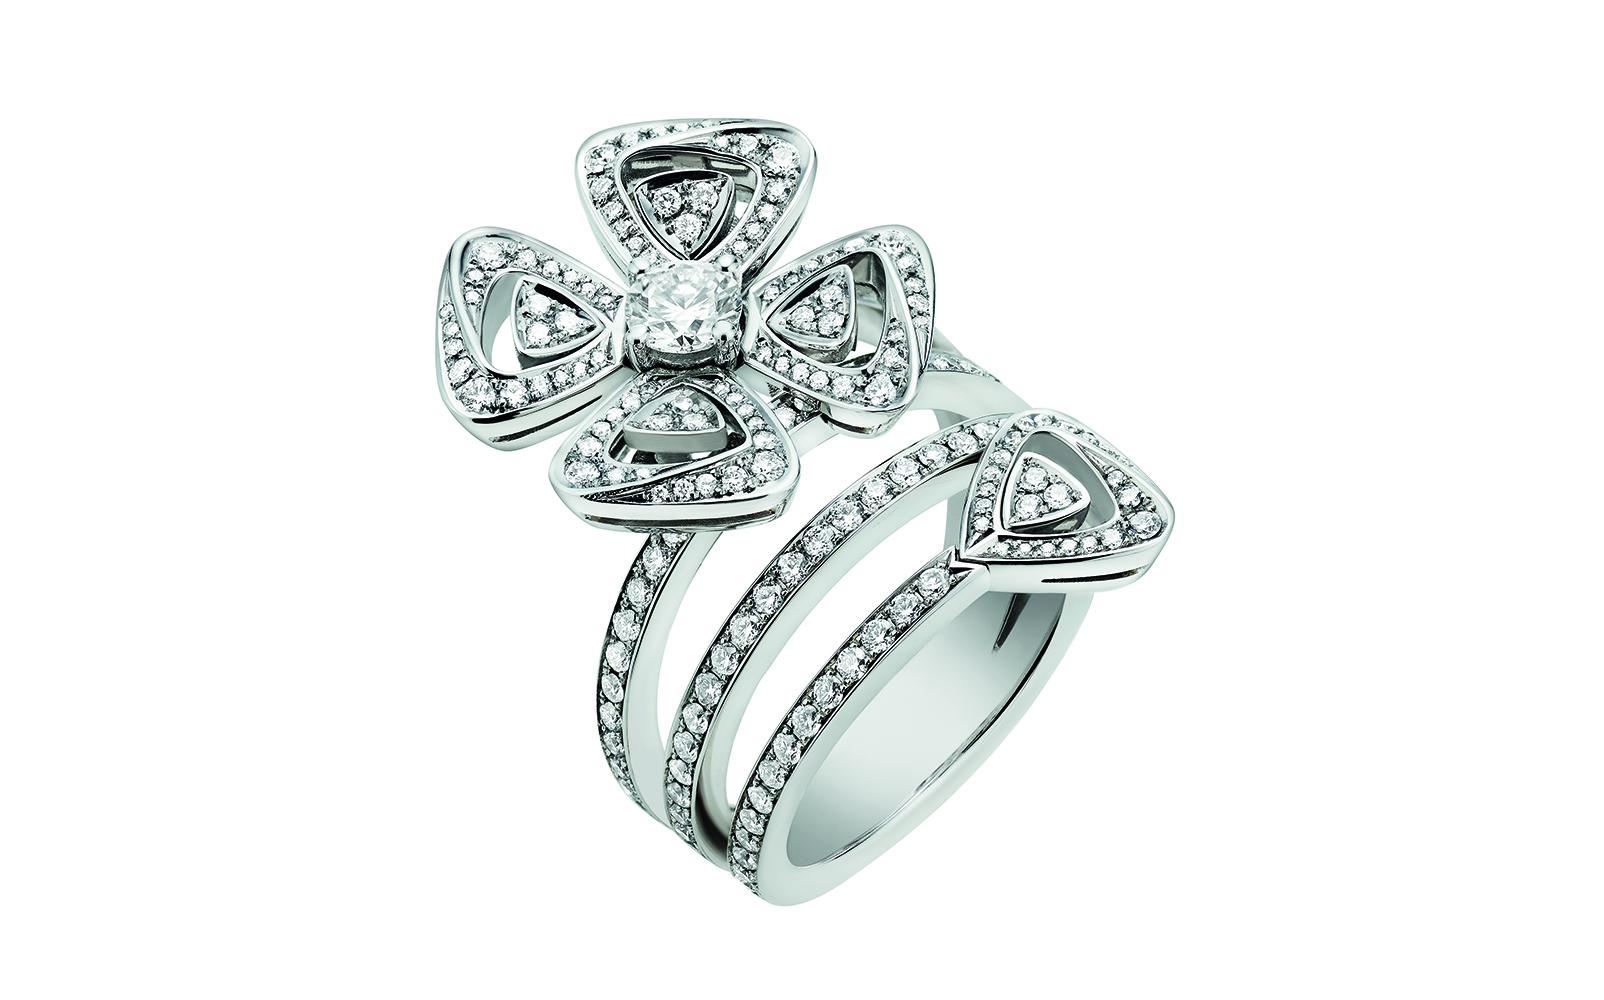 Fiorever jewellery